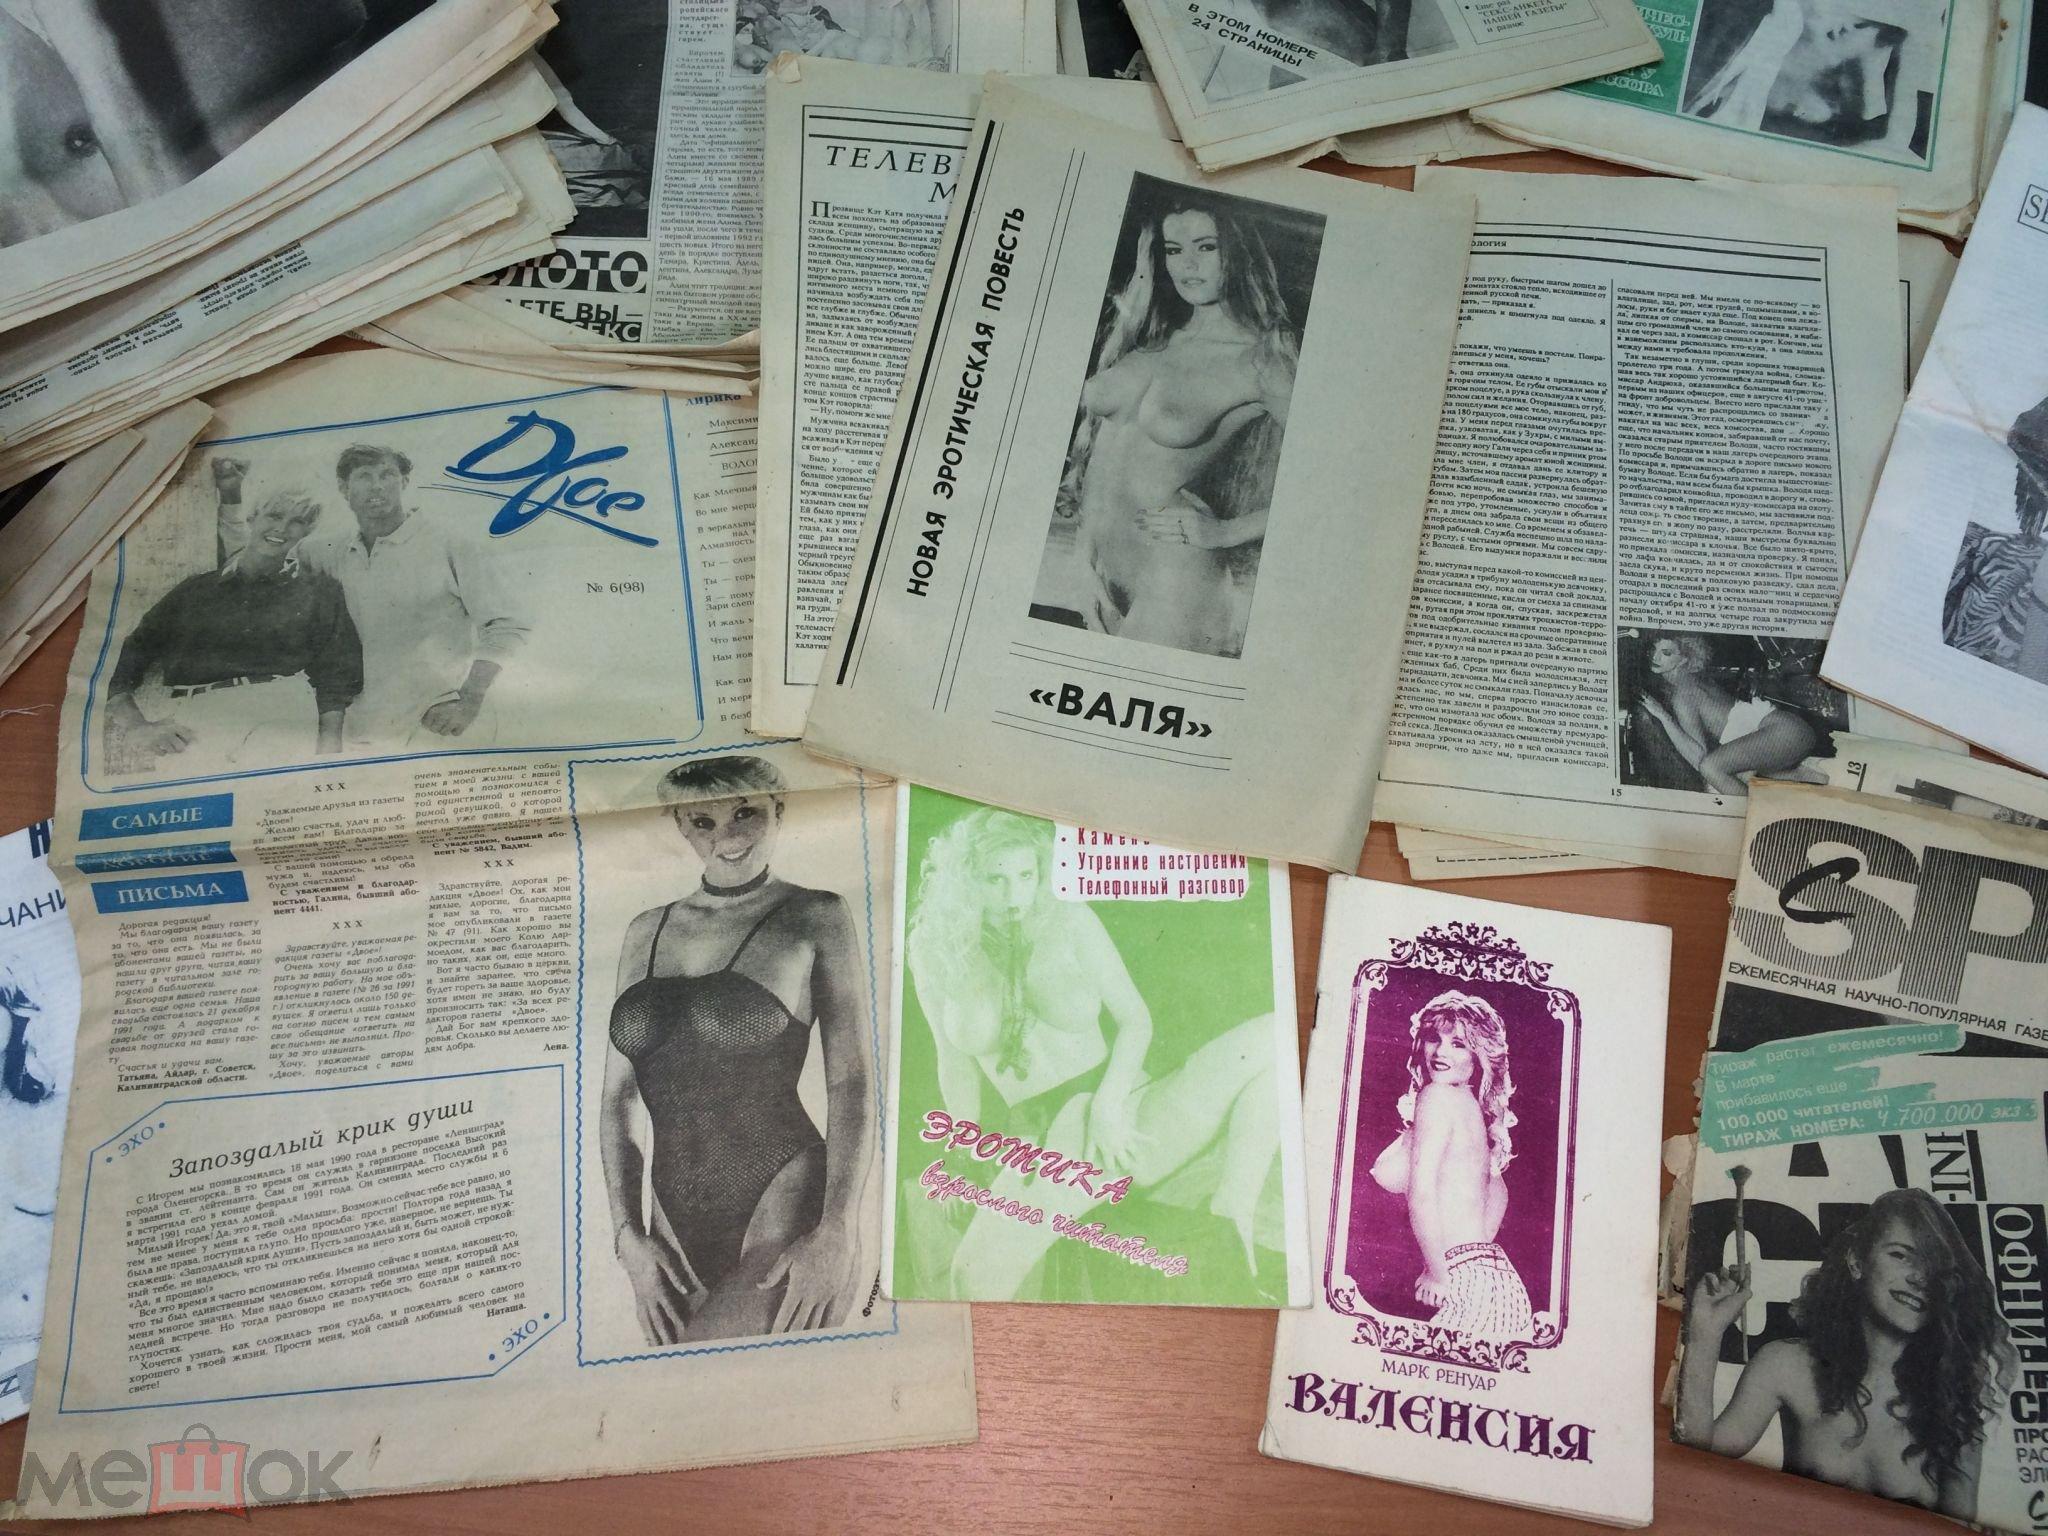 Сестрички нимфоманки Юлия и Йетта (1982)